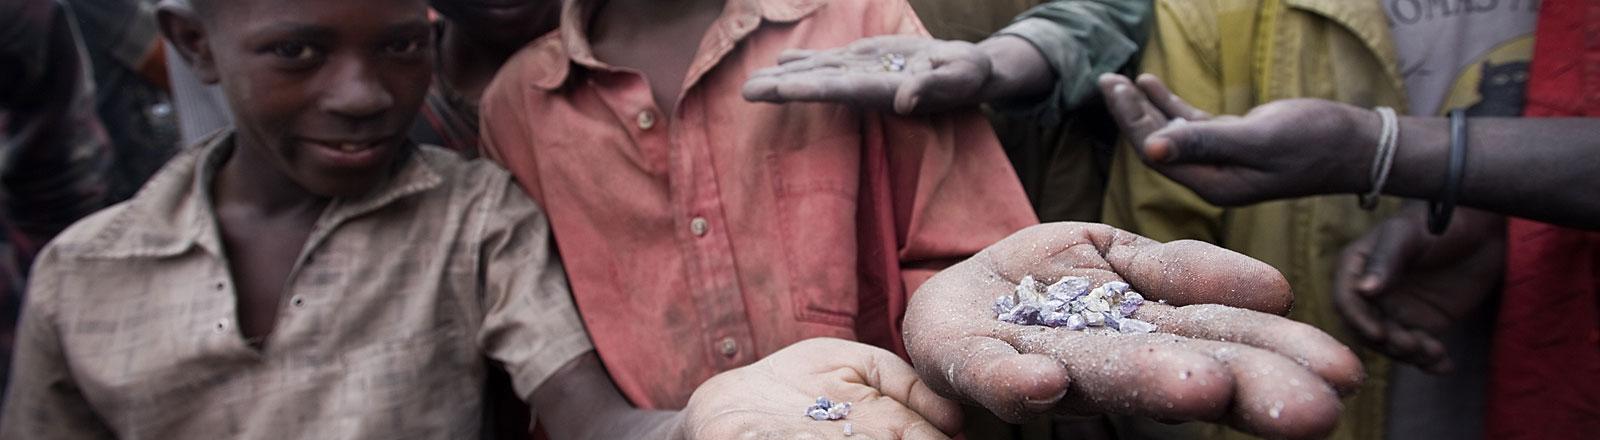 Afrikanische Bergarbeiter zeigen gefundene Edelsteine.